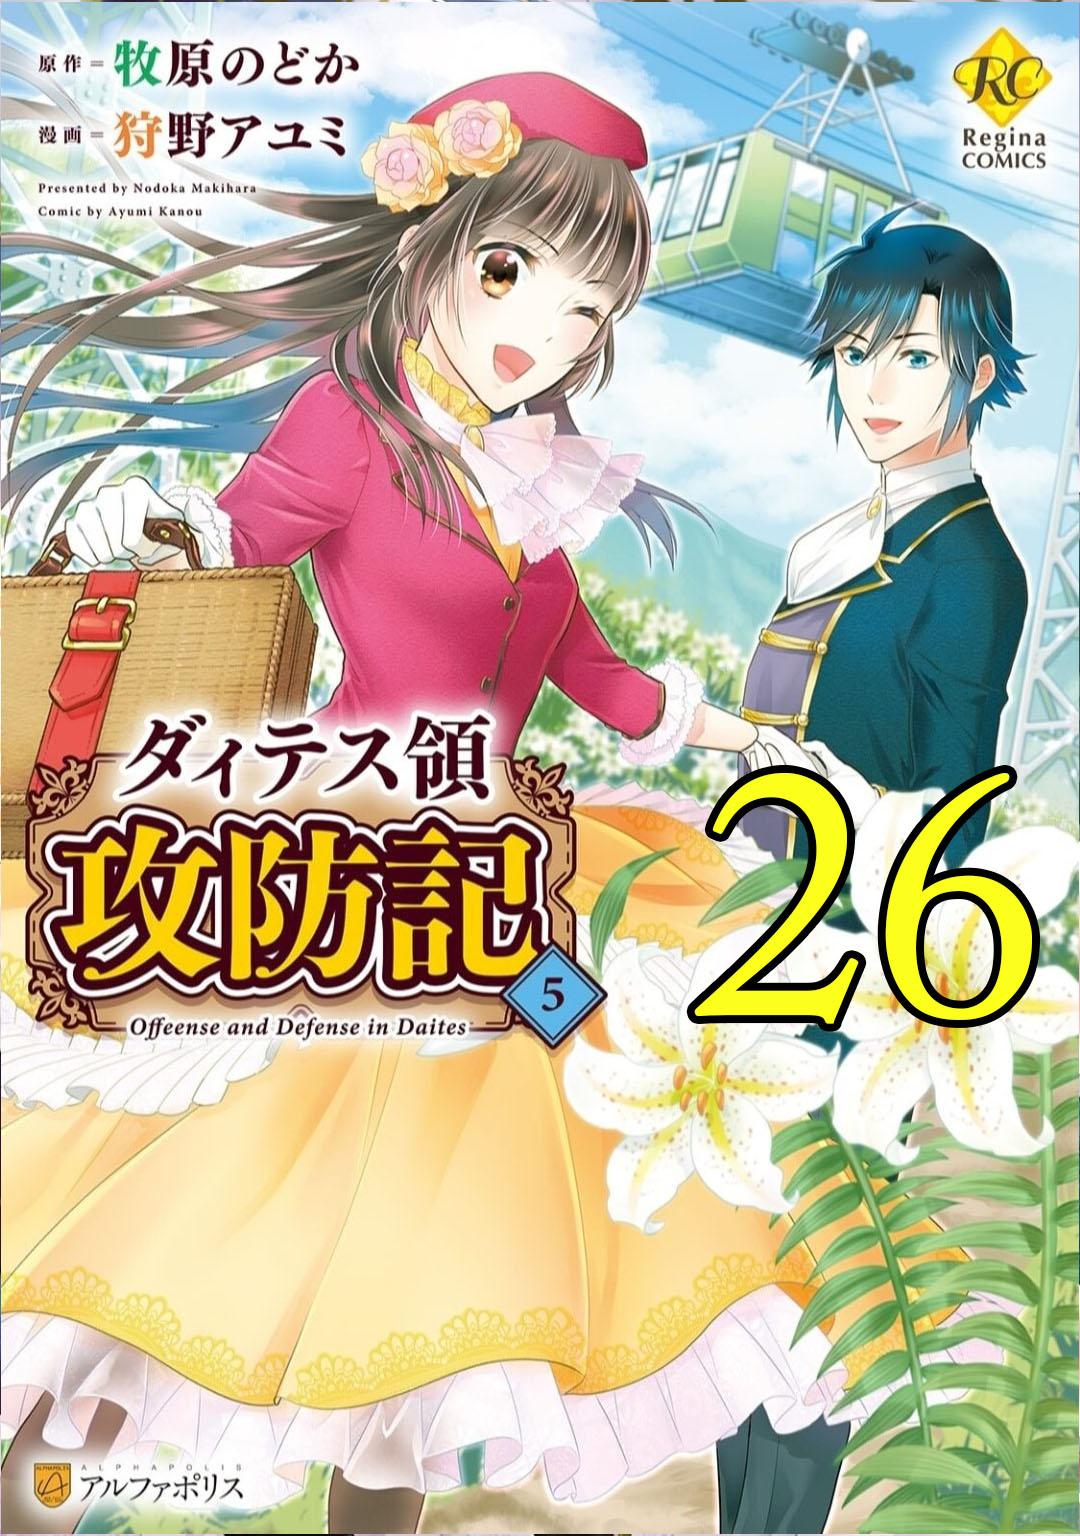 อ่านการ์ตูน Daites Ryou Koubouki ตอนที่ 26 หน้าที่ 1